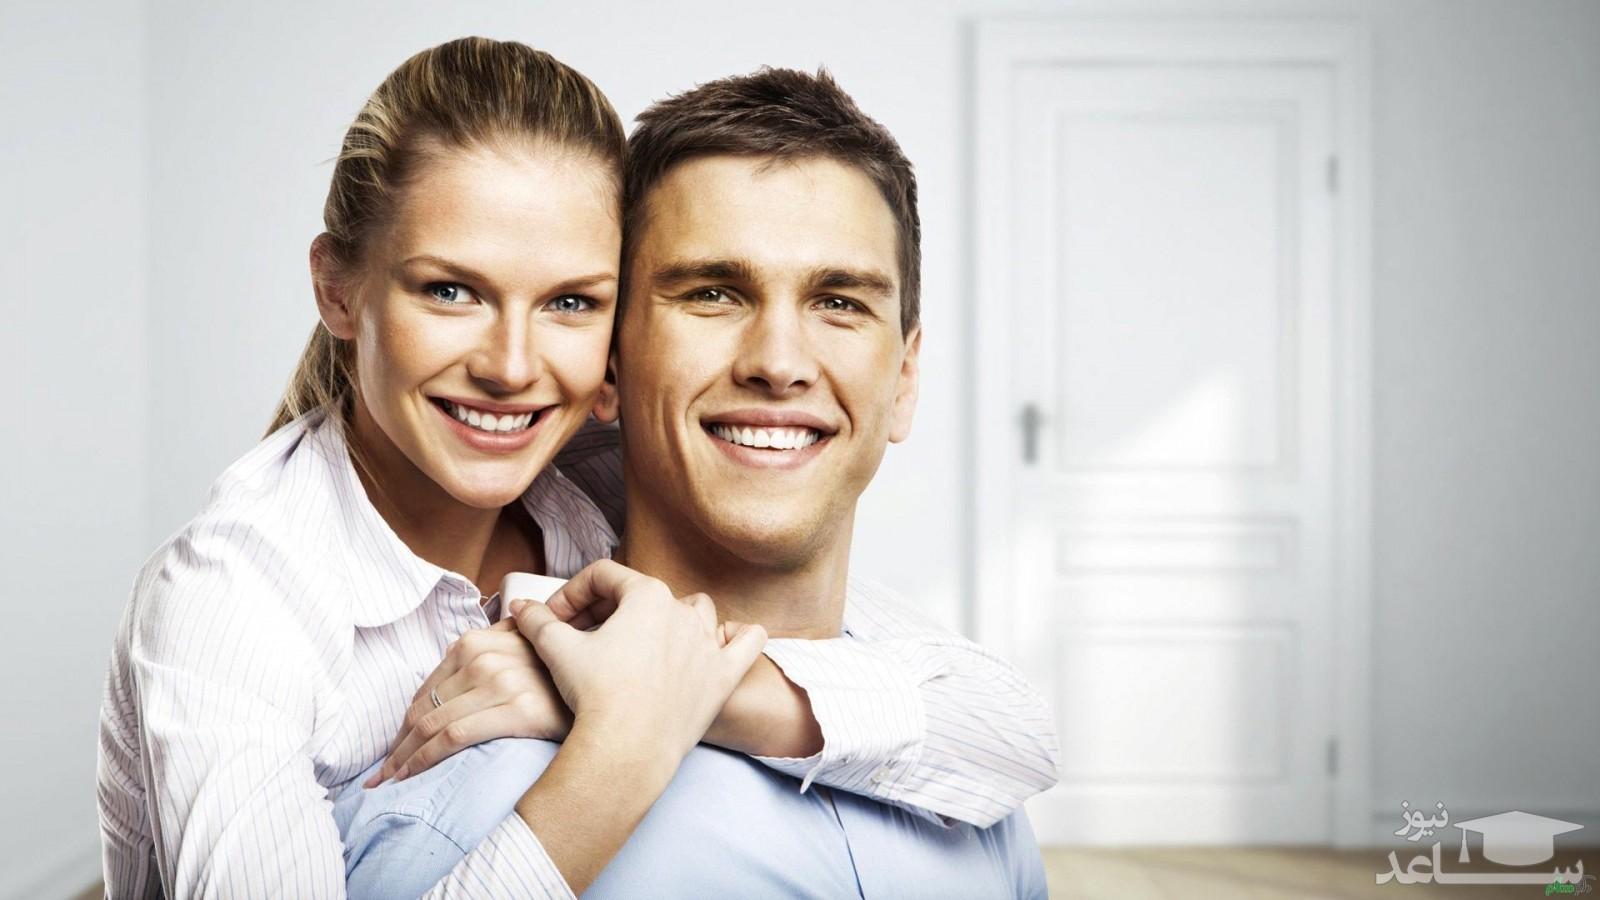 فواید جسمی و روحی بغل کردن همسر